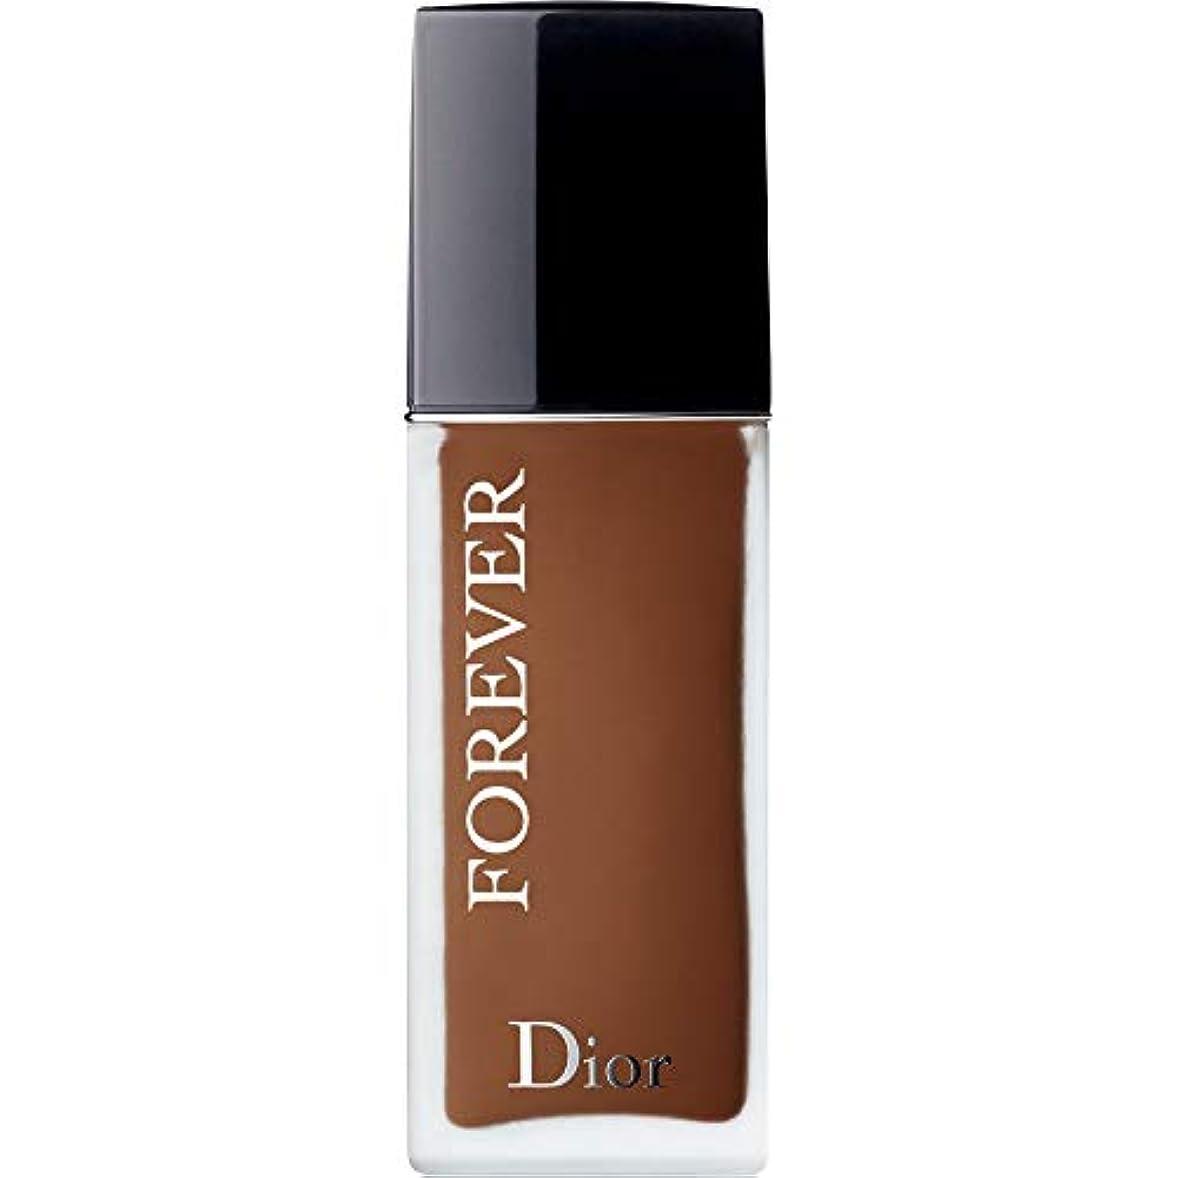 スペイン語消防士教育学[Dior ] ディオール永遠皮膚思いやりの基盤Spf35 30ミリリットルの8N - ニュートラル(つや消し) - DIOR Forever Skin-Caring Foundation SPF35 30ml 8N - Neutral (Matte) [並行輸入品]